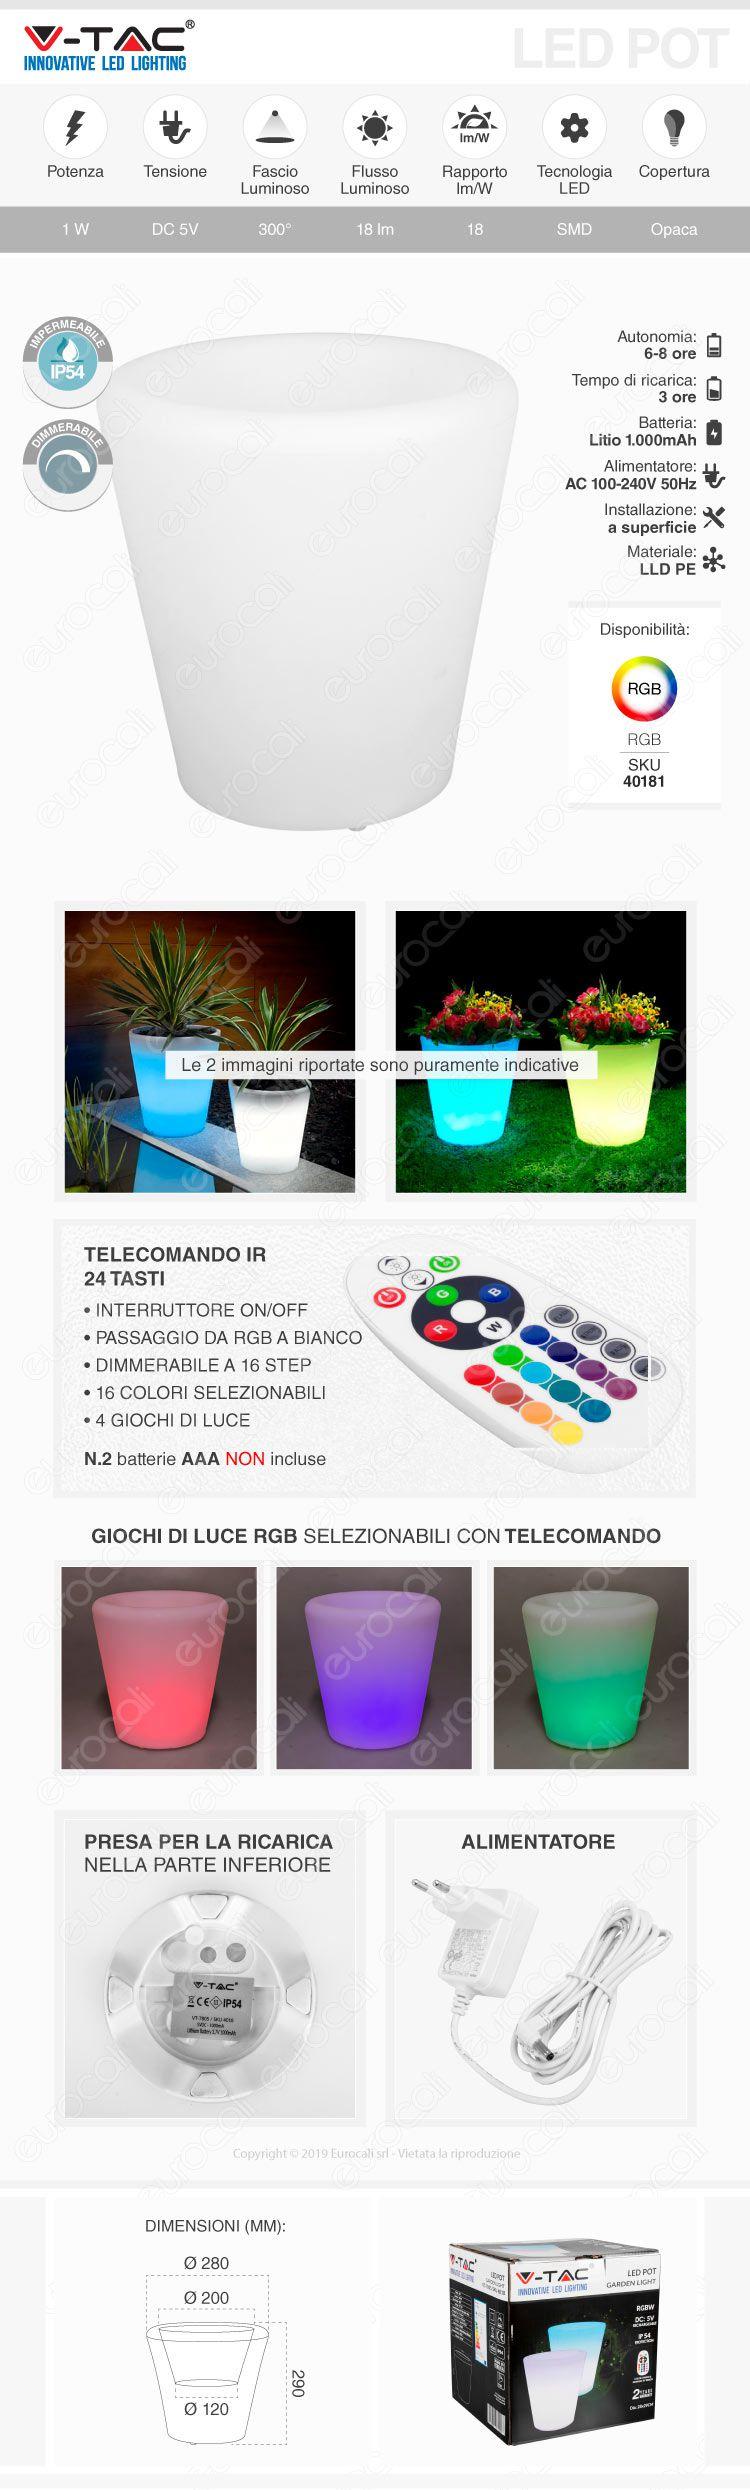 V-Tac VT-7805 Lampada a Forma di Vaso Multicolor RGB LED 1W Ricaricabile con Telecomando IP54